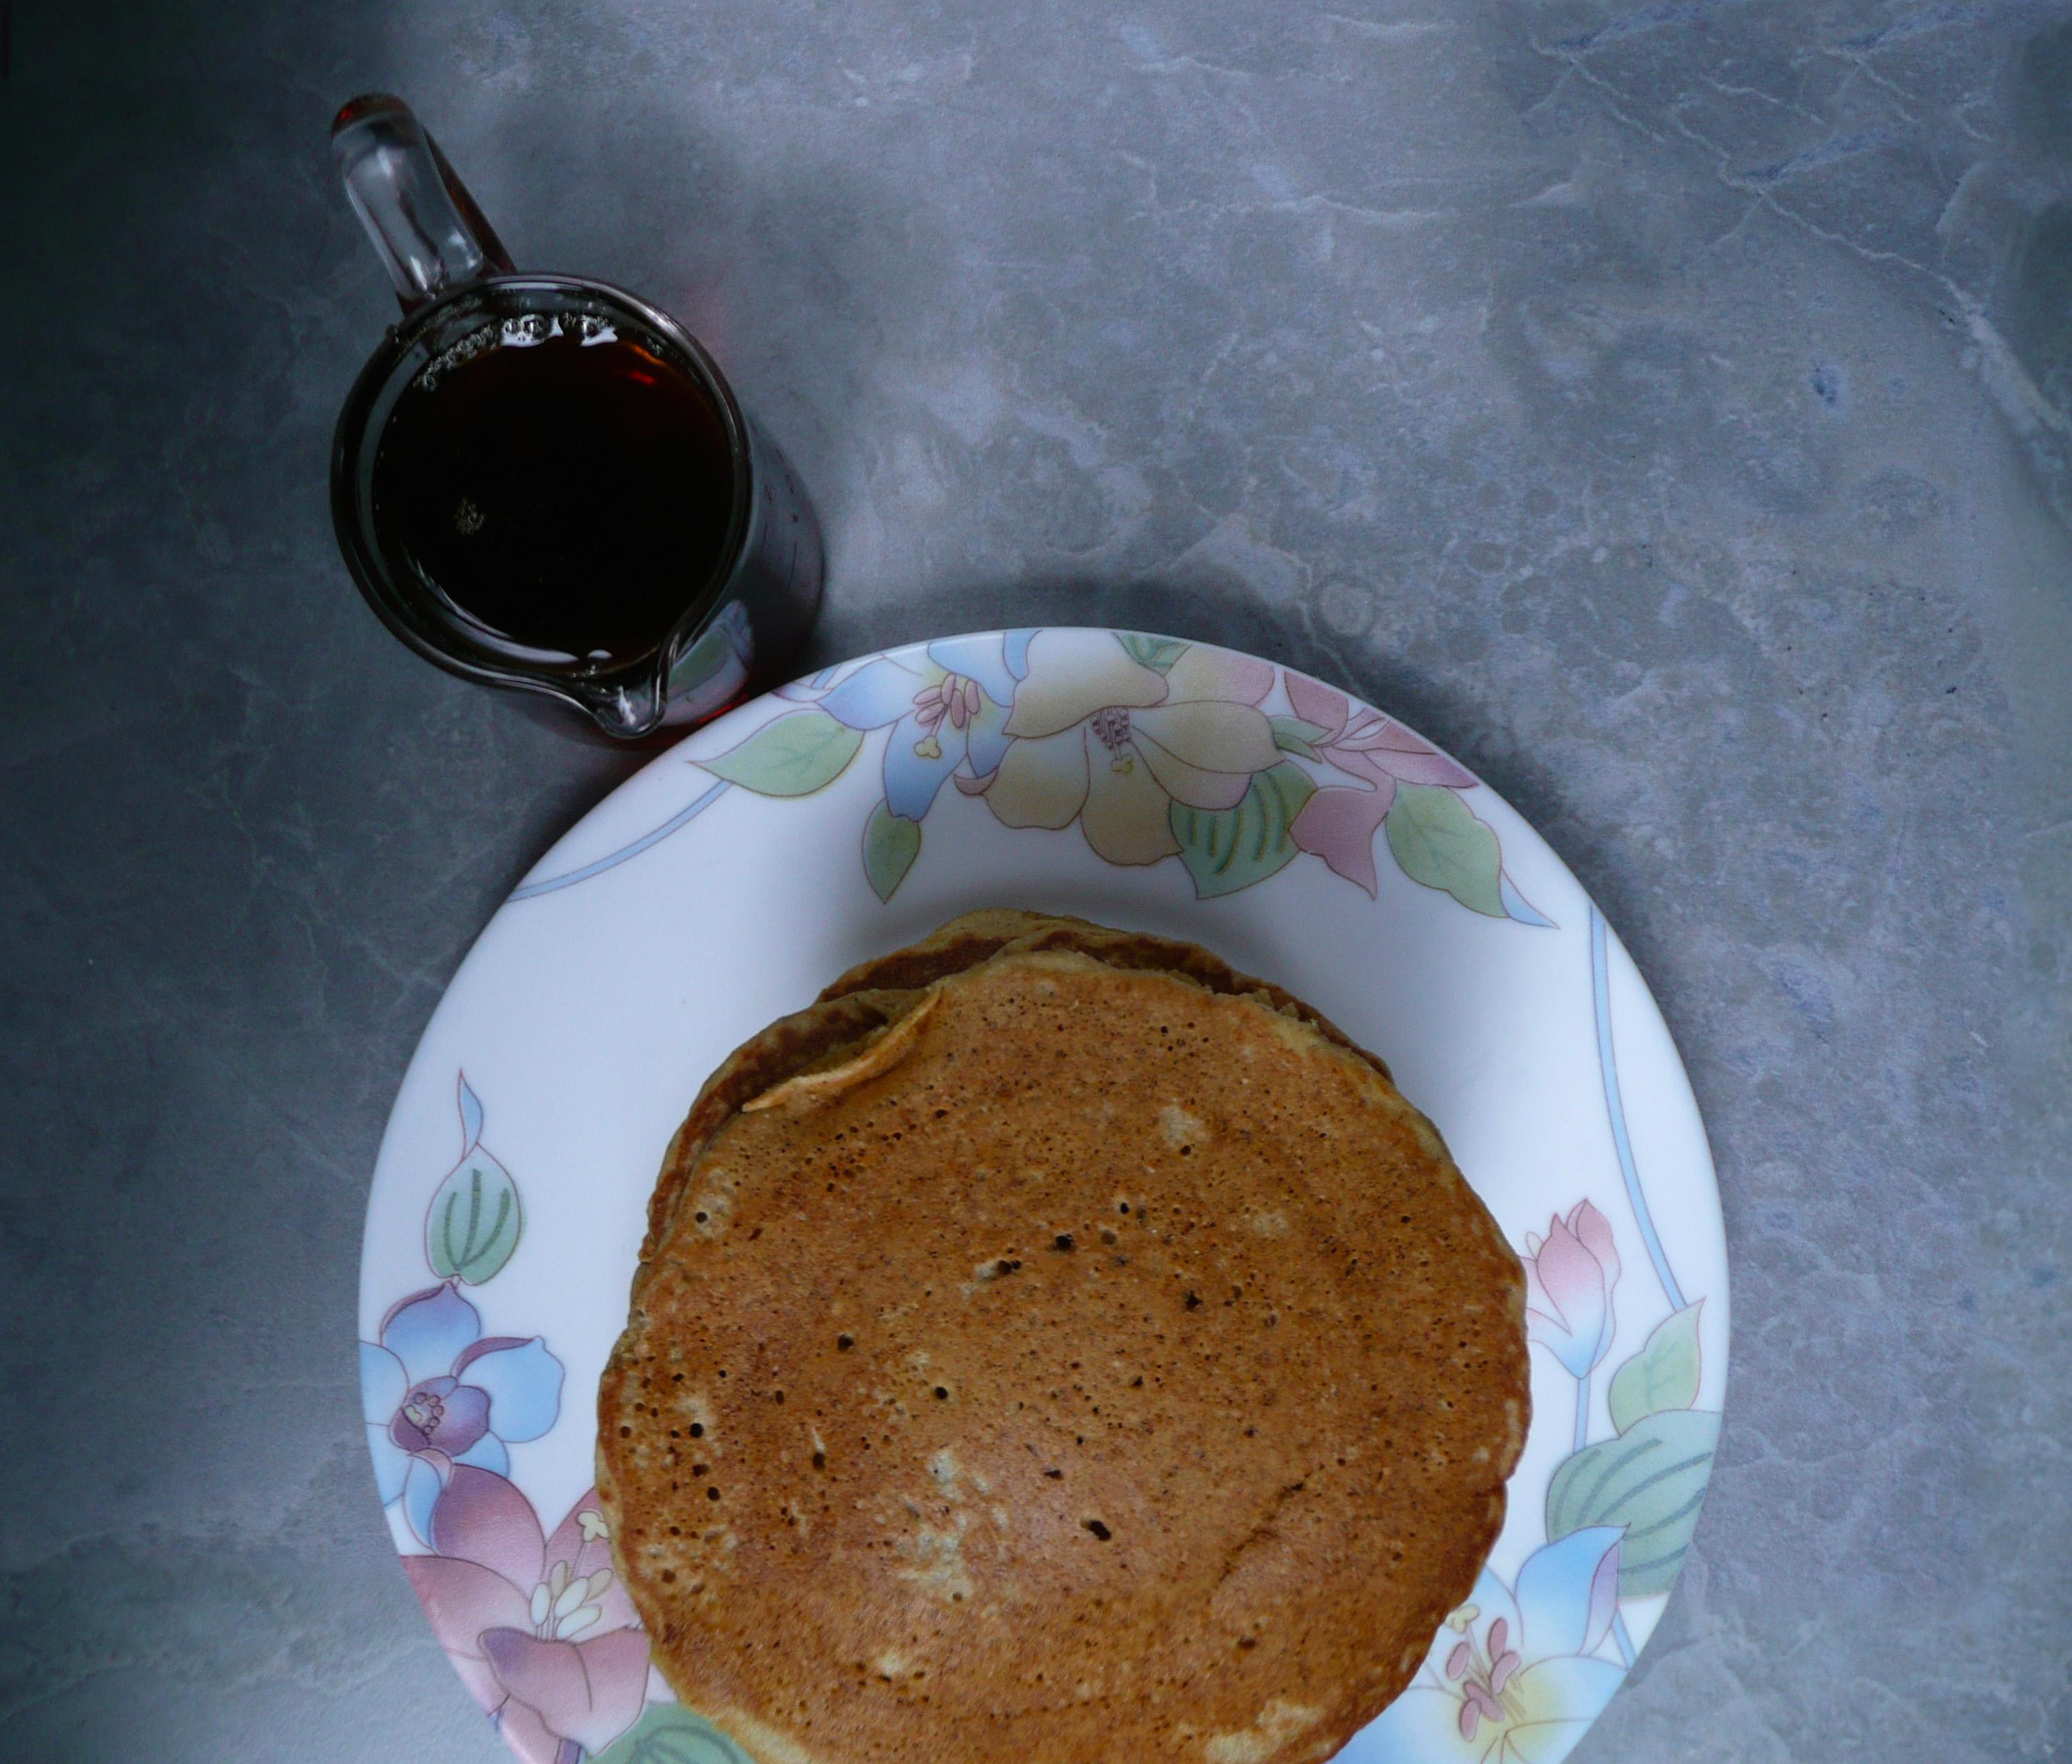 pancake perfected